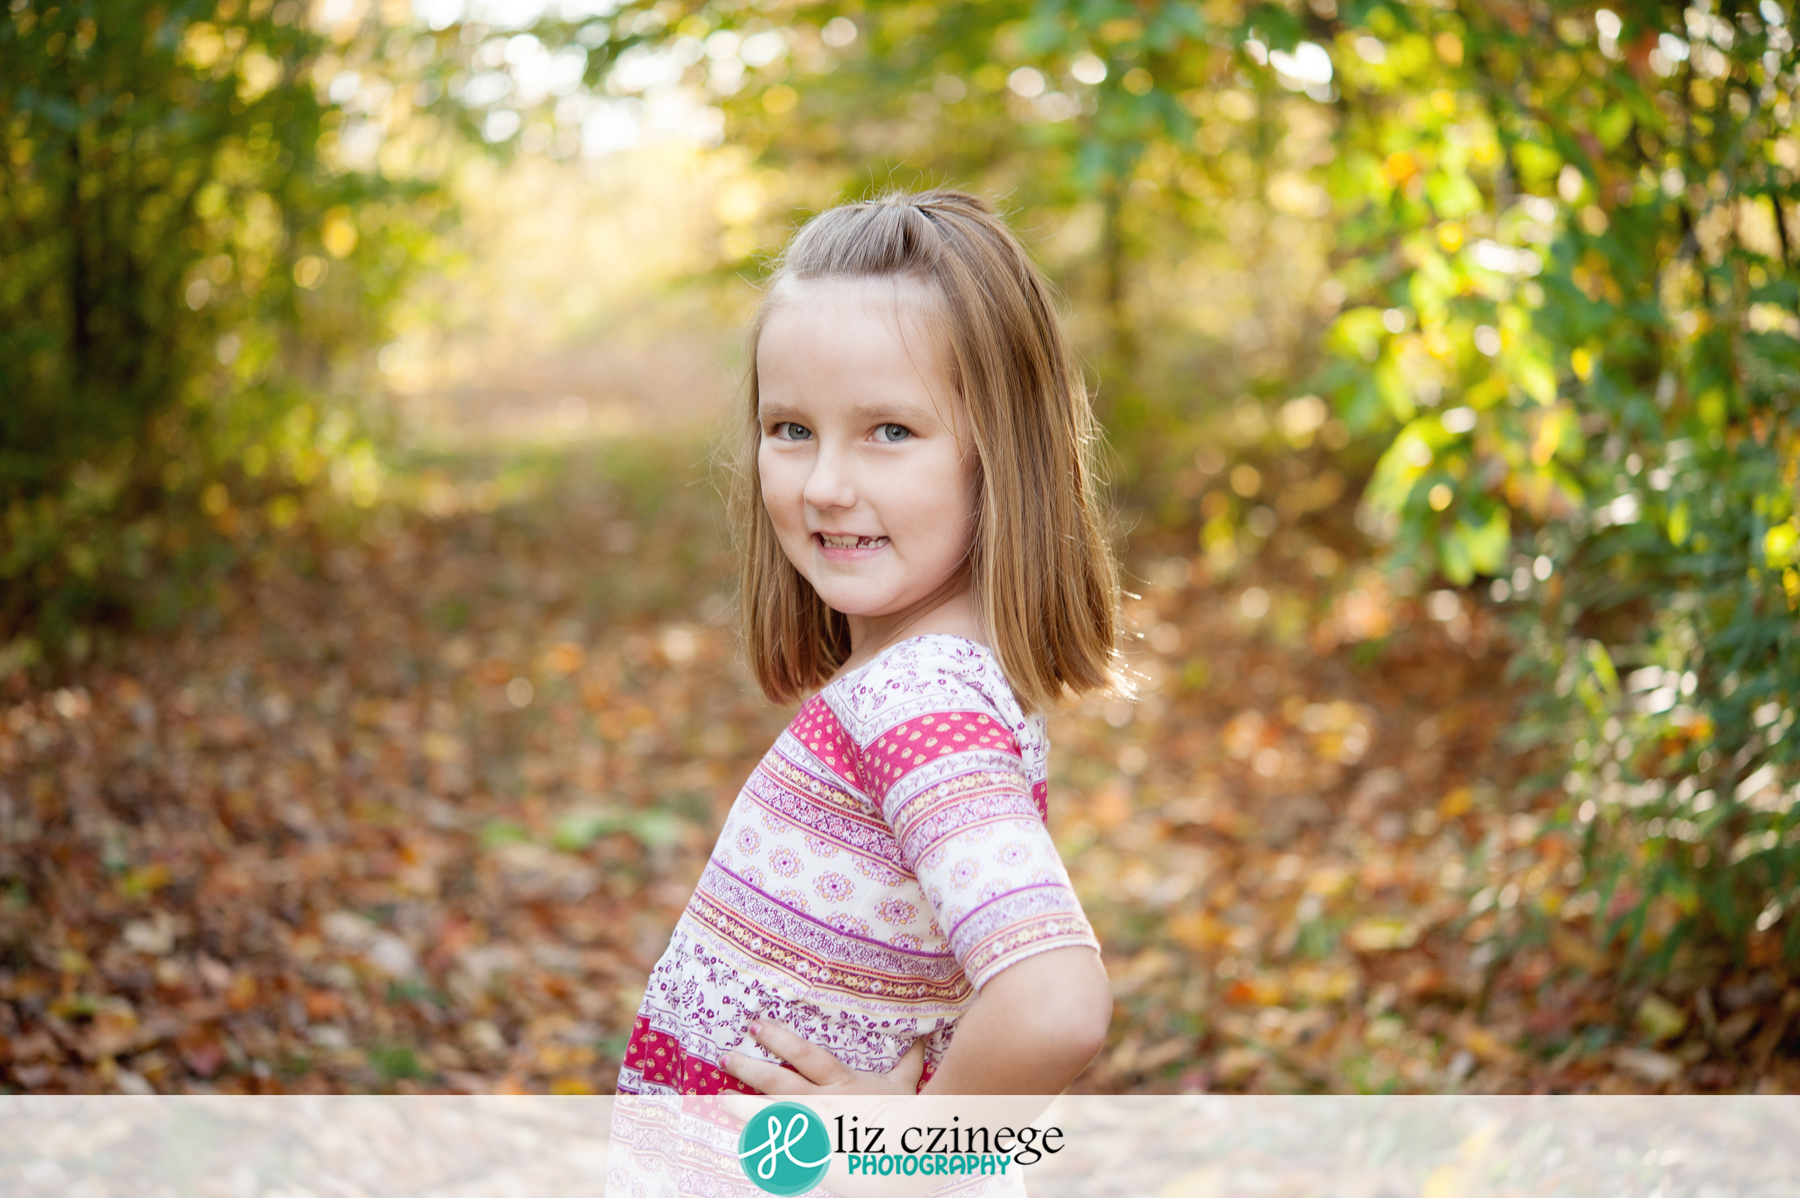 liz_czinege_niagara_grimsby_child_photographer04